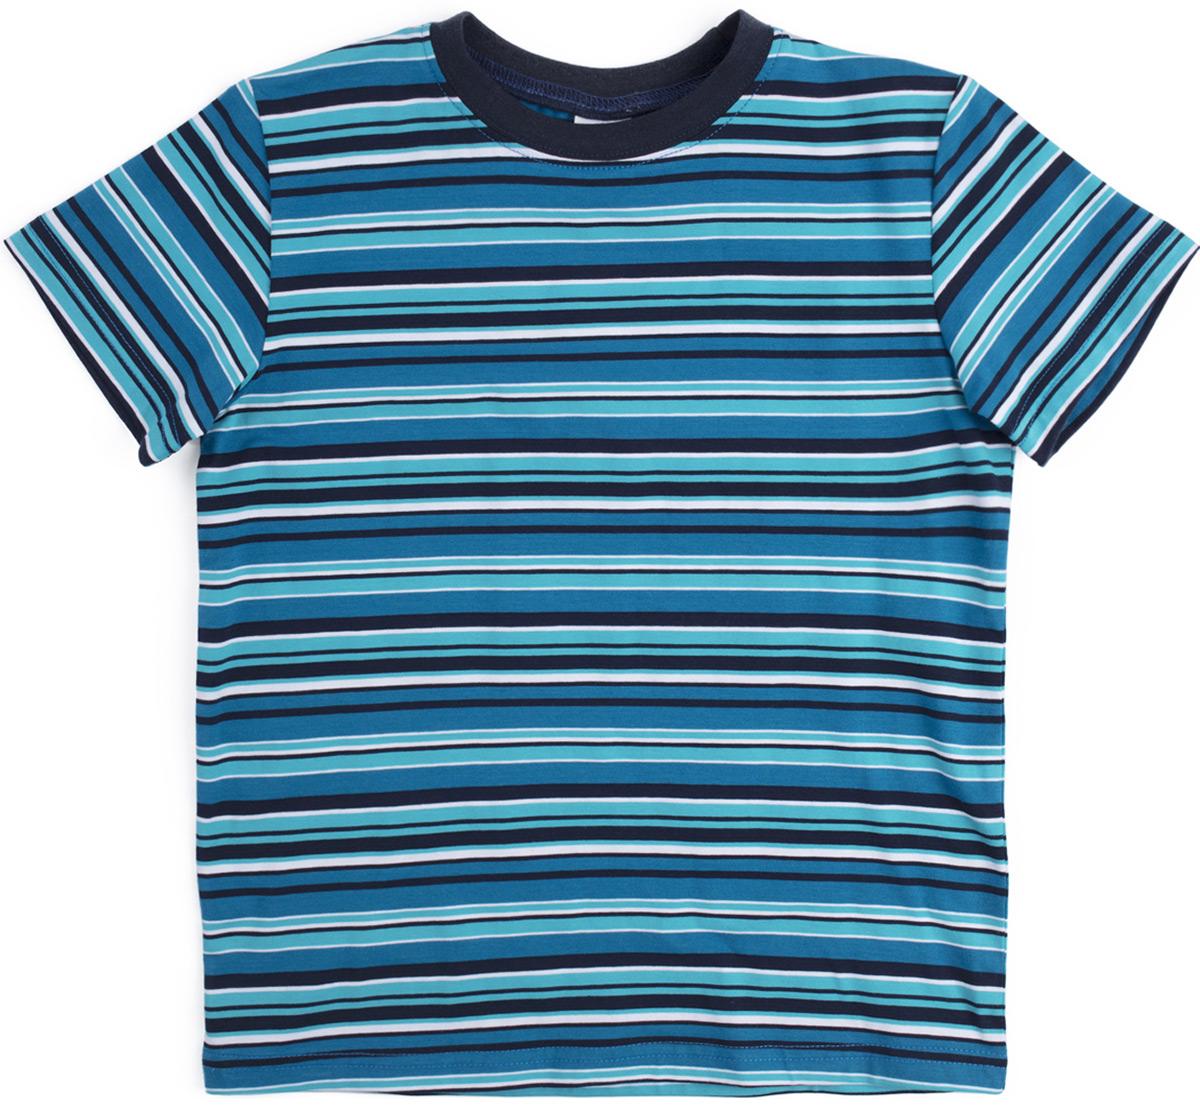 Футболка для мальчика PlayToday, цвет: темно-синий. 181106. Размер 128181106Футболка из натуральной хлопковой ткани. Горловина оформлена мягкой трикотажной резинкой. Модель выполнена по технологии yarn dyed - в процессе производства используются разного цвета нити. Изделие при рекомендуемом уходе не линяет и надолго остается в первоначальном виде.